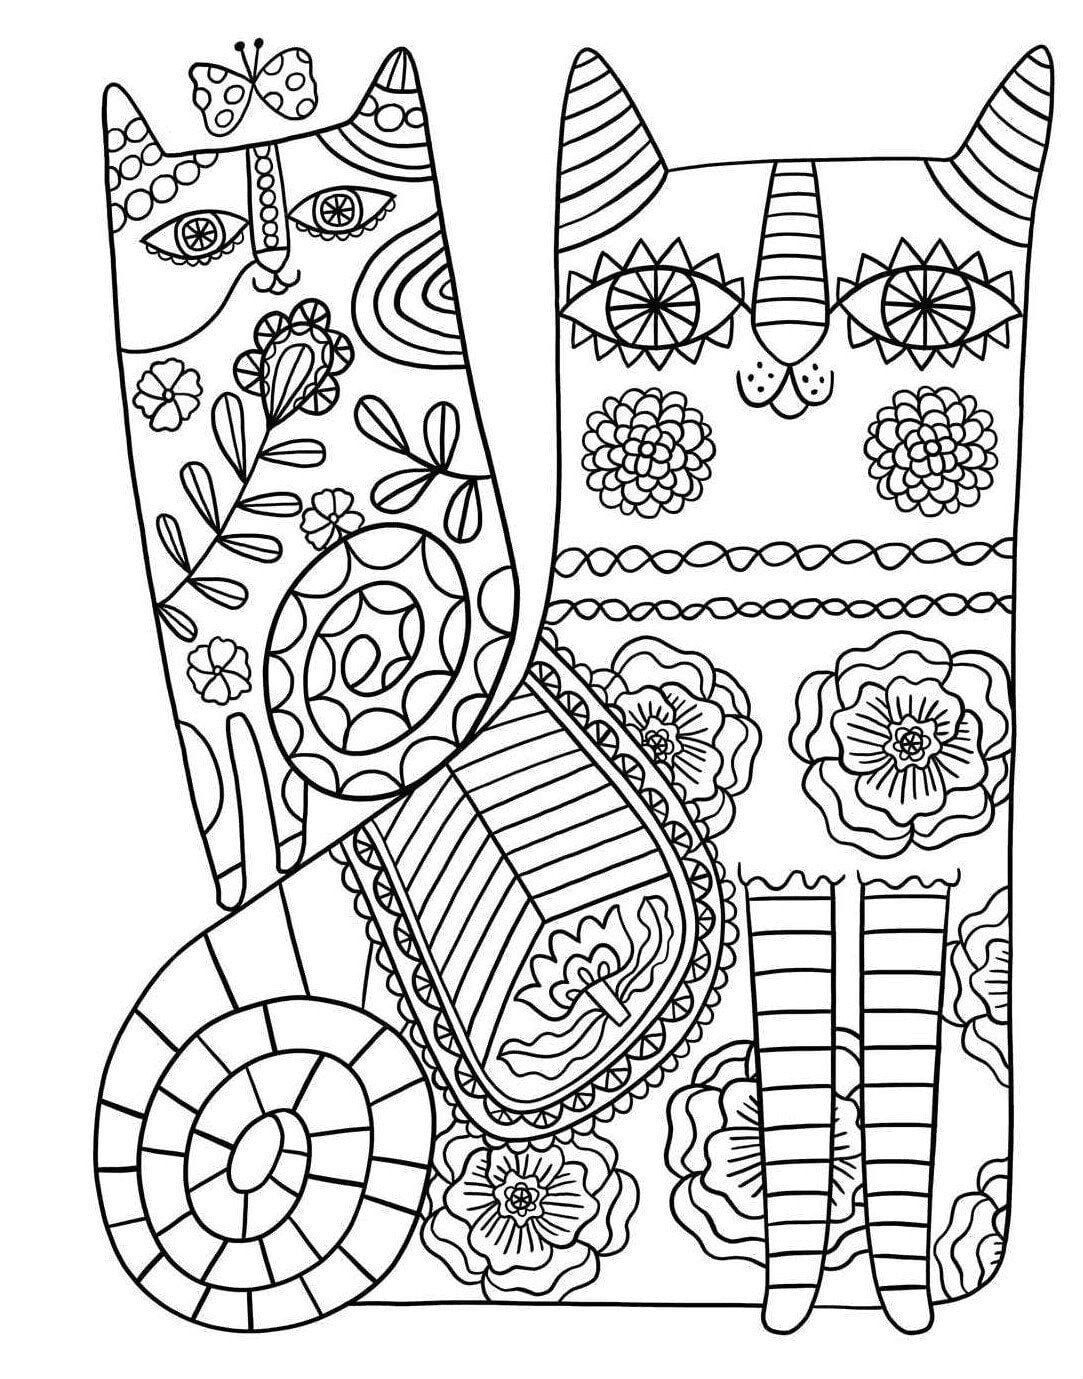 раскраски для девочек кошки распечатать А4 - Рисовака